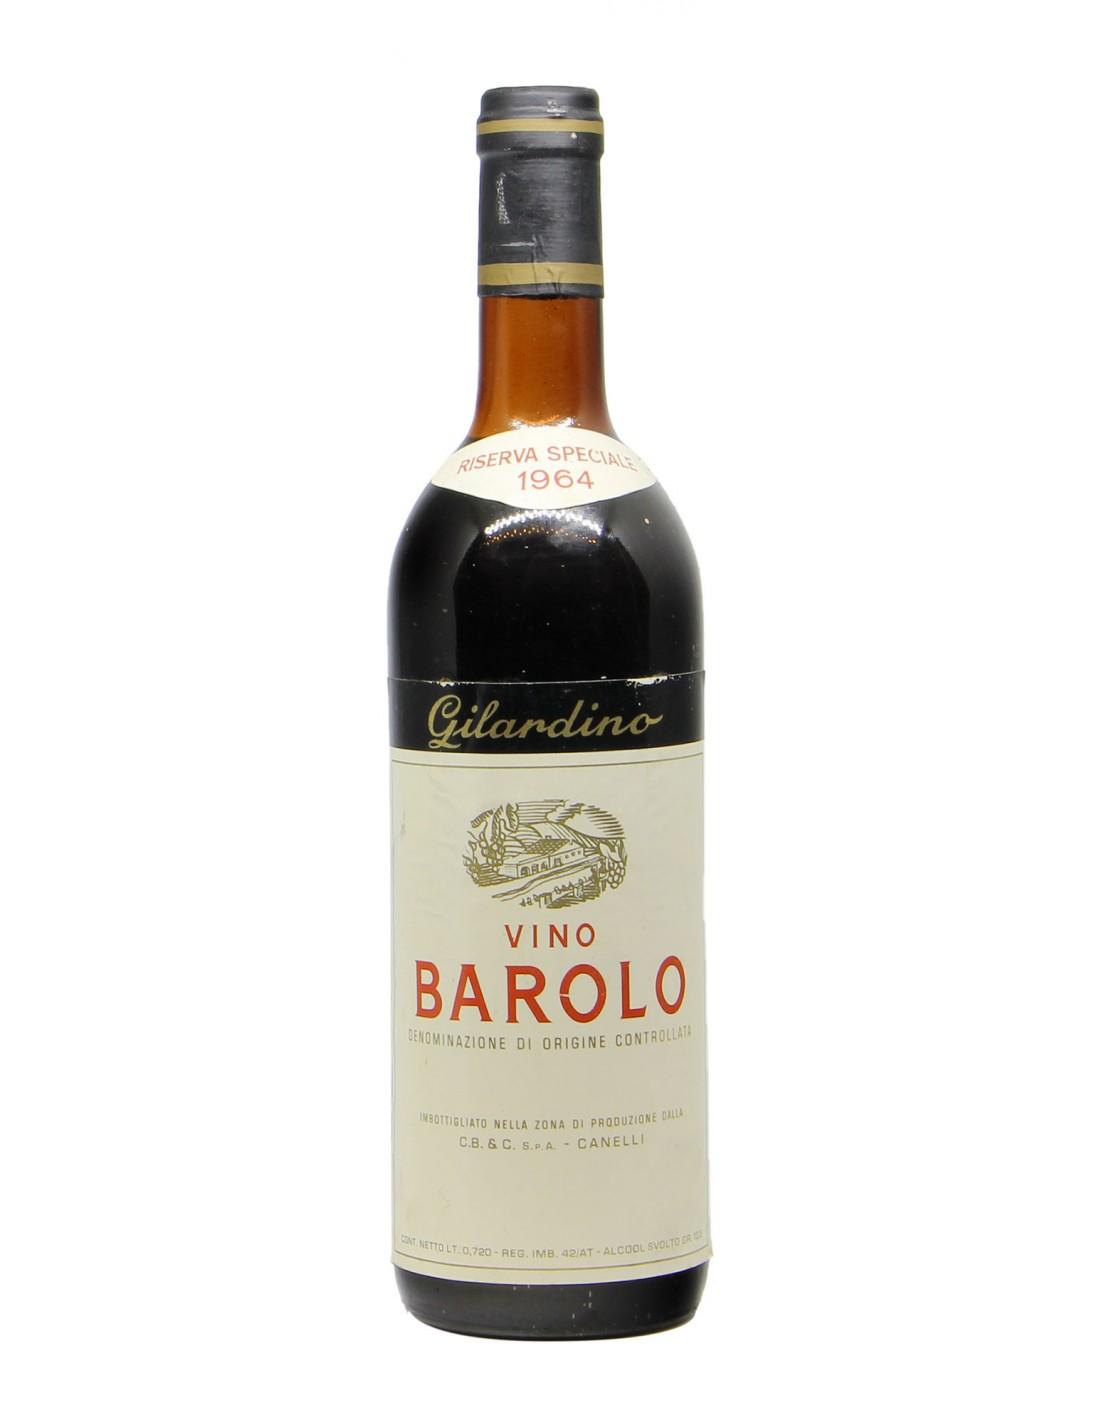 BAROLO RISERVA SPECIALE 1964 GILARDINO Grandi Bottiglie